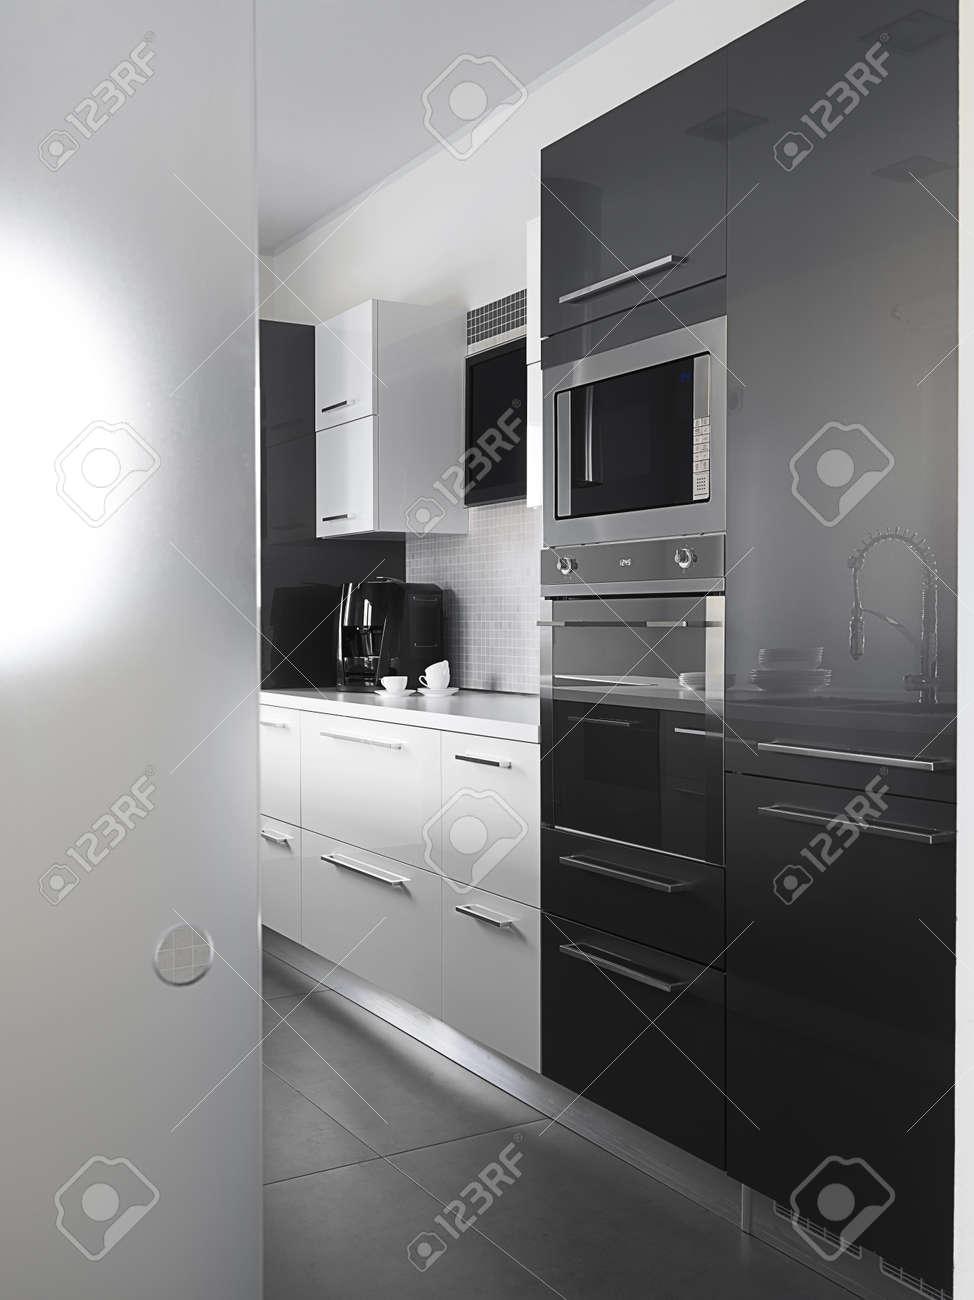 Moderne keuken met grijze tegelvloer en witte muur royalty vrije ...